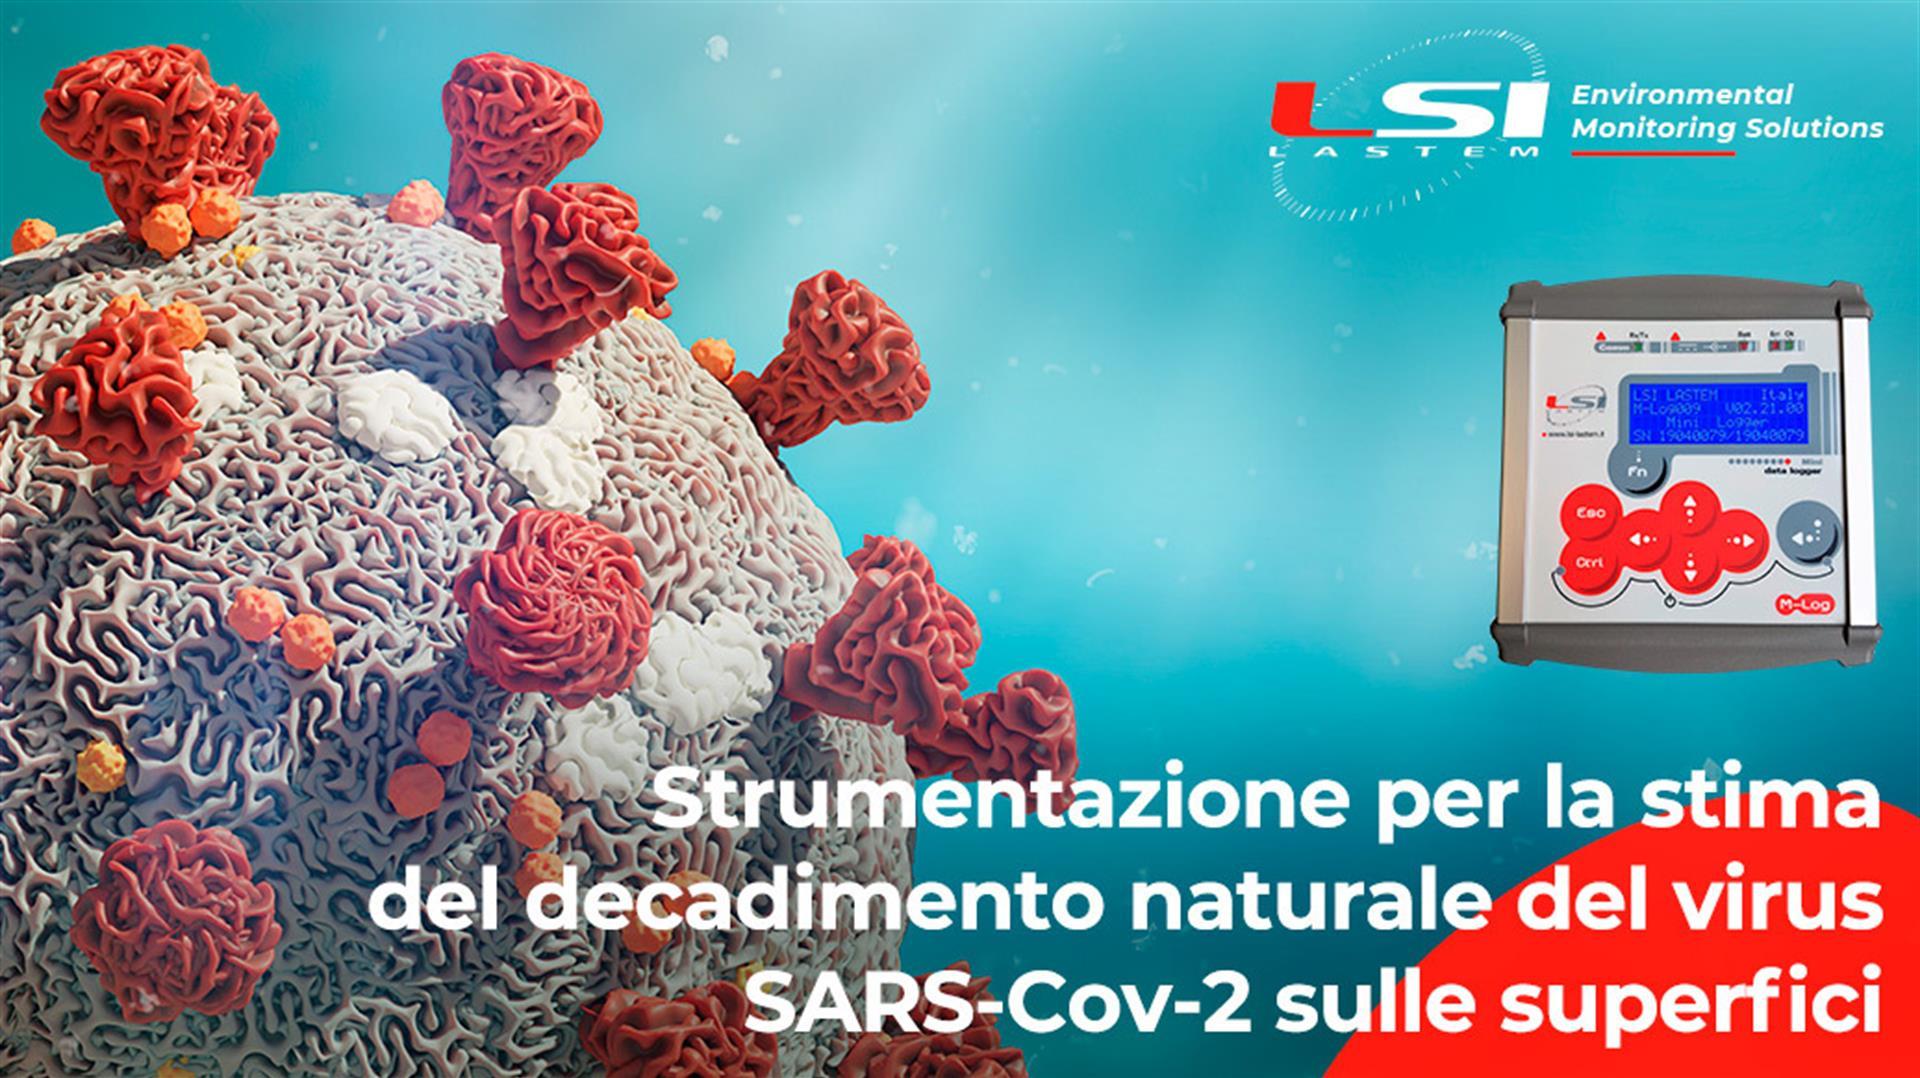 Stima del decadimento naturale del virus SARS-Cov-2 sulle superfici